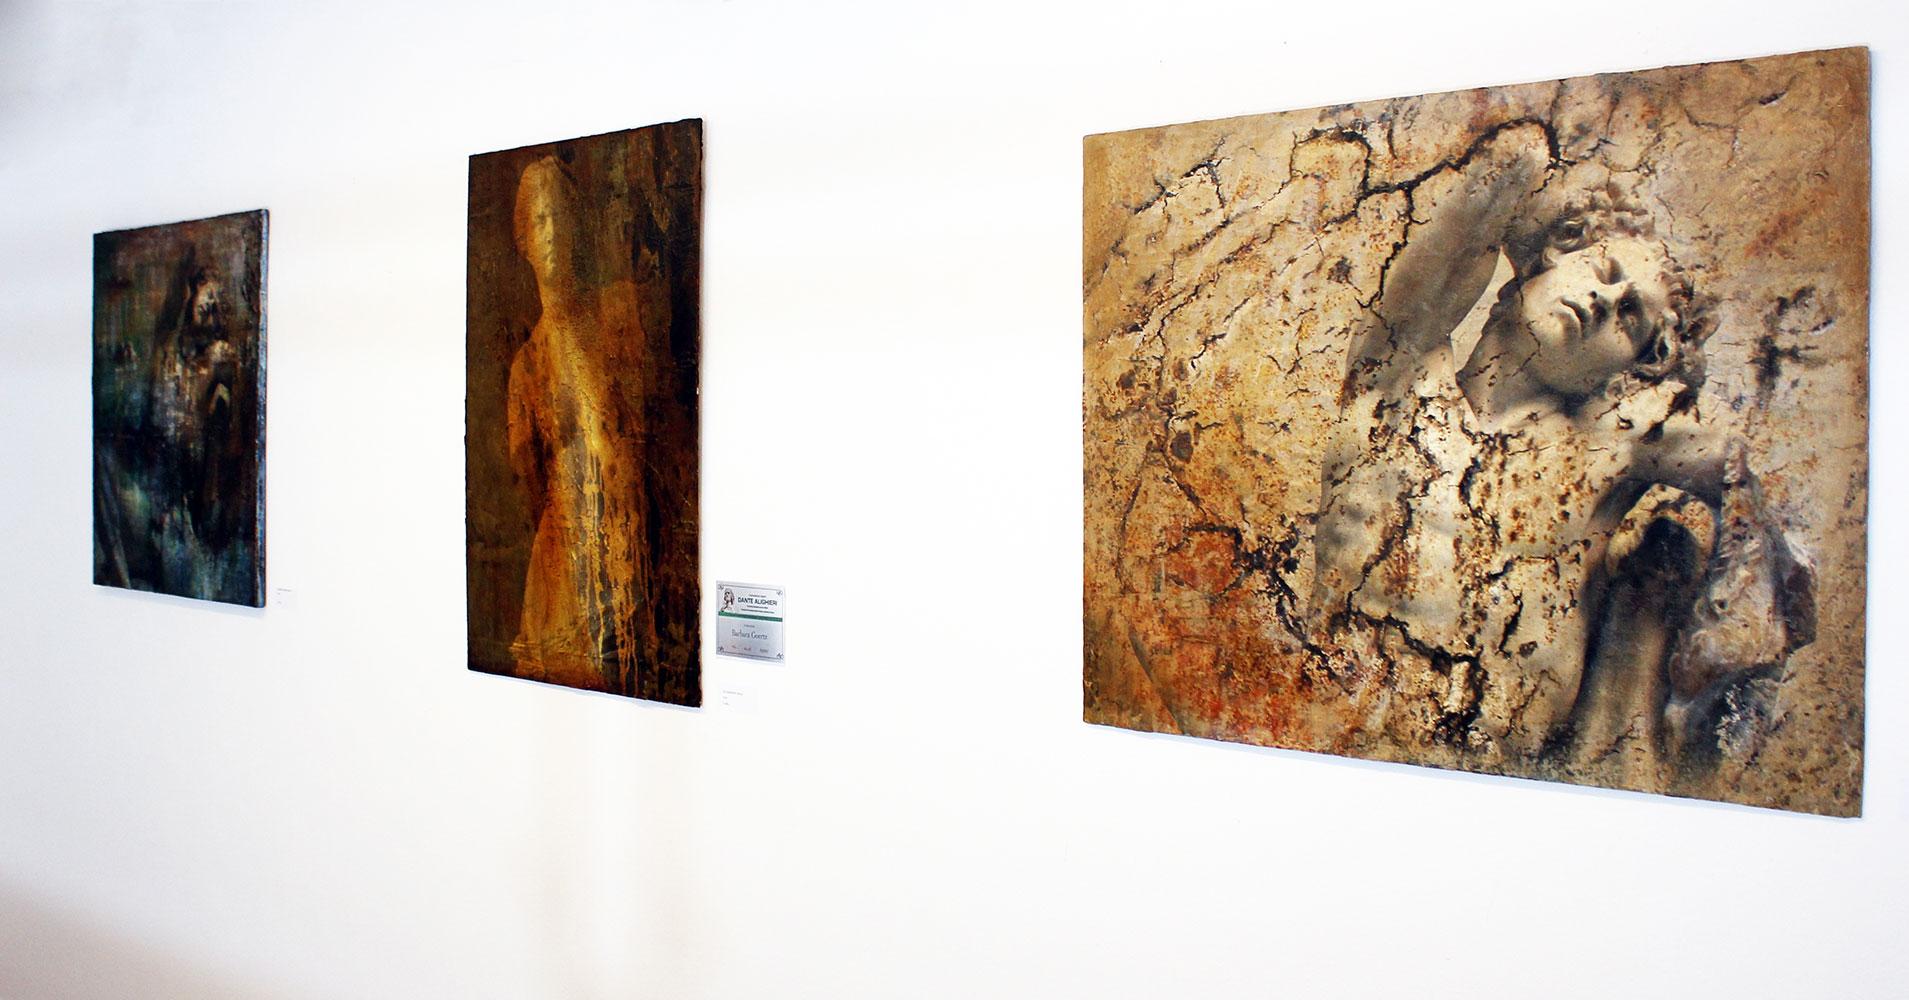 Barbara Goertz - Ausstellung Bad Reichenhall-7